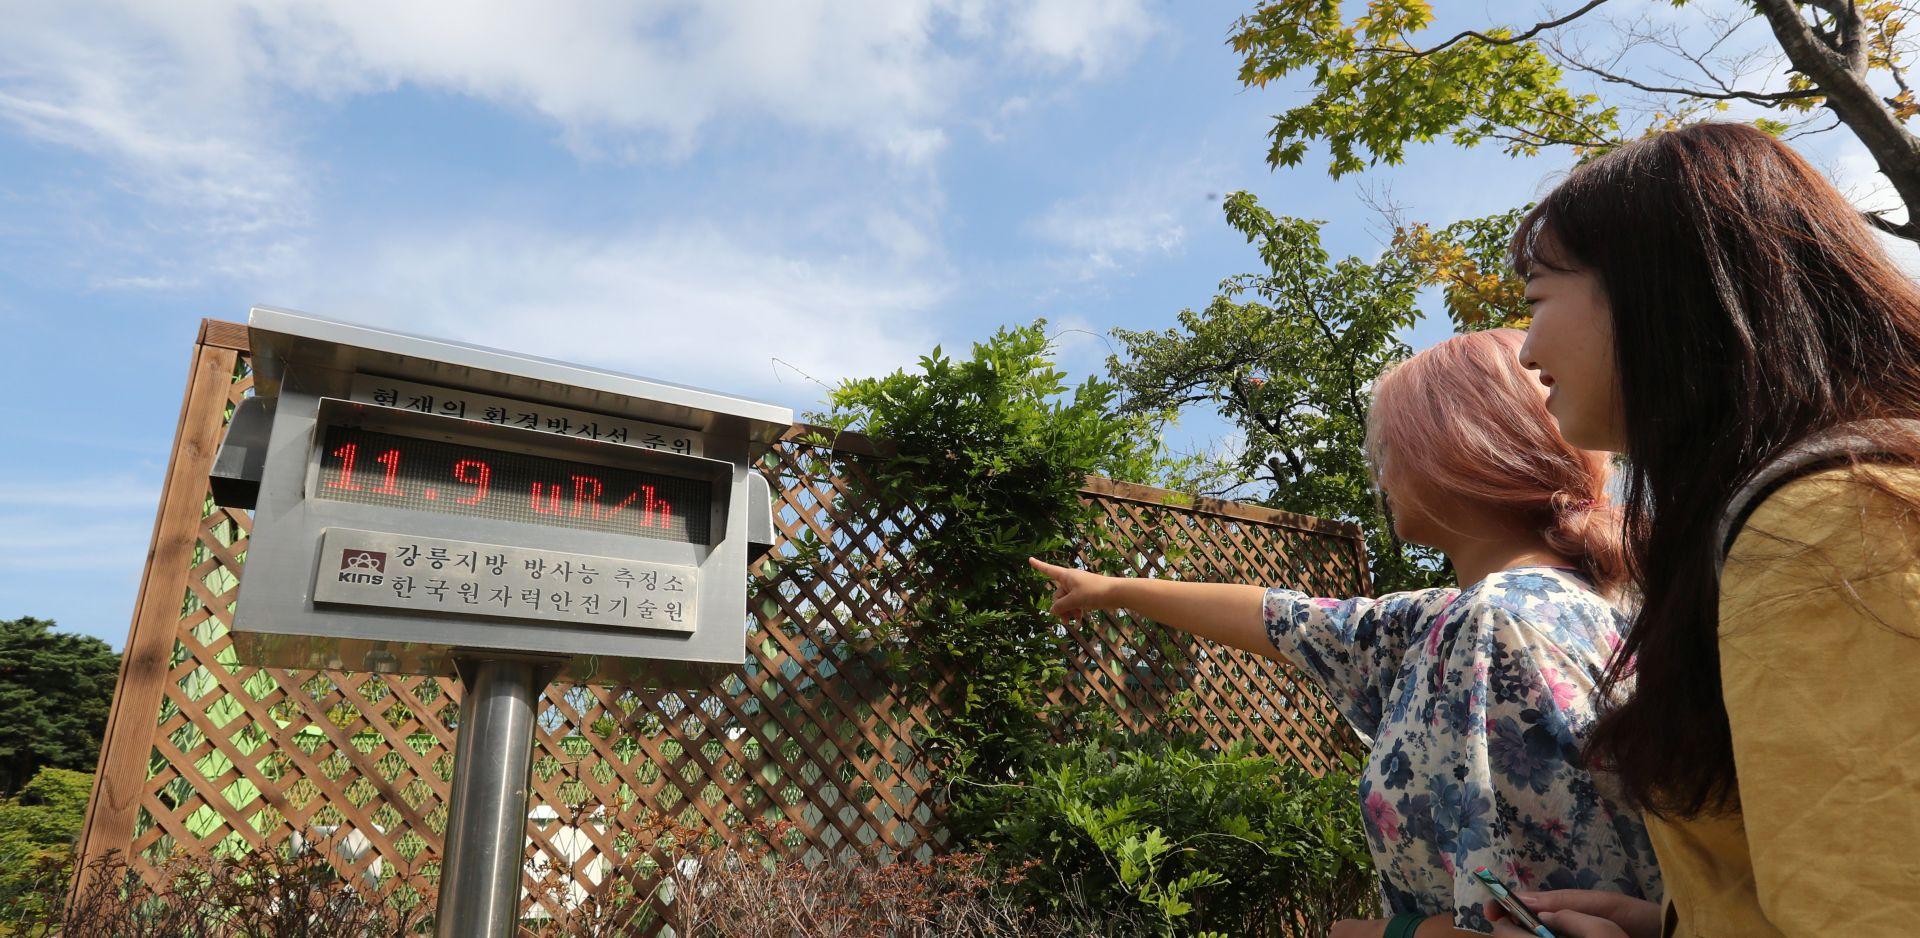 Sjevernokorejska bomba 16 puta snažnija od bombe bačene na Hirošimu